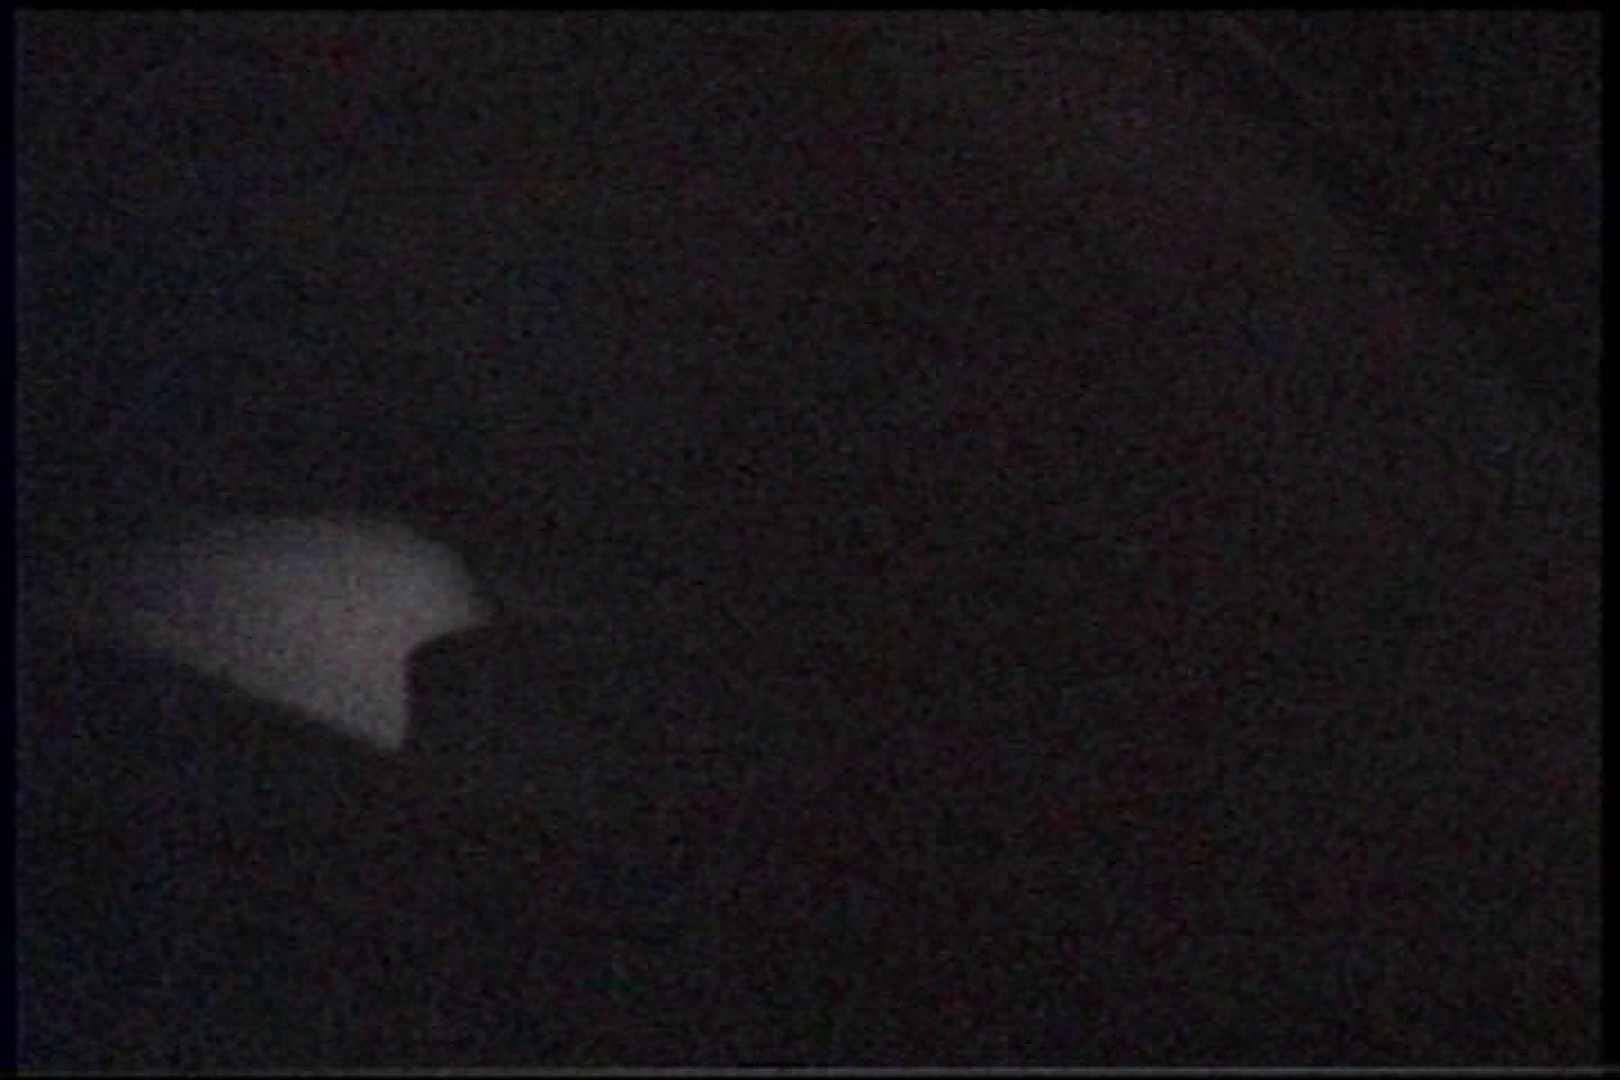 充血監督の深夜の運動会Vol.237 OLセックス  63画像 56